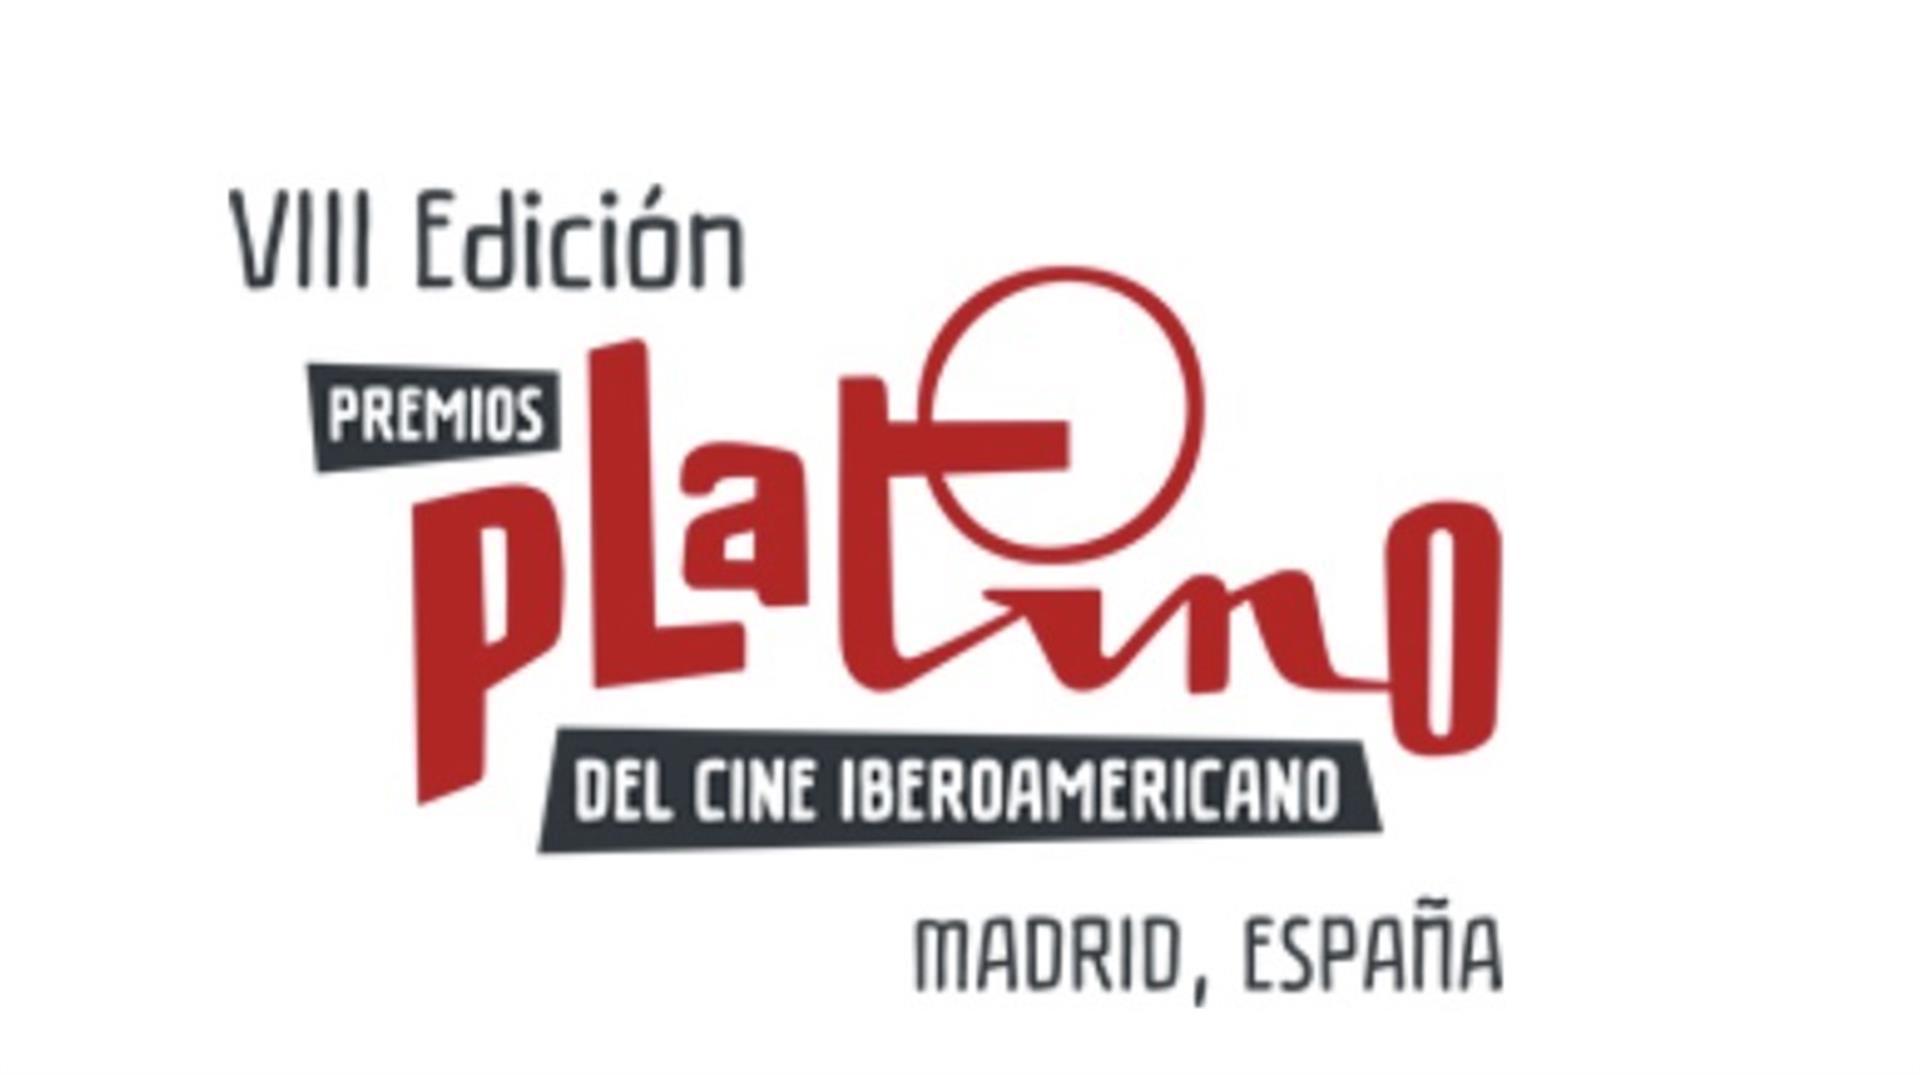 Primeras estrellas iberoamericanas confirmadas para la gala de la VIII Edición de los Premios PLATINO